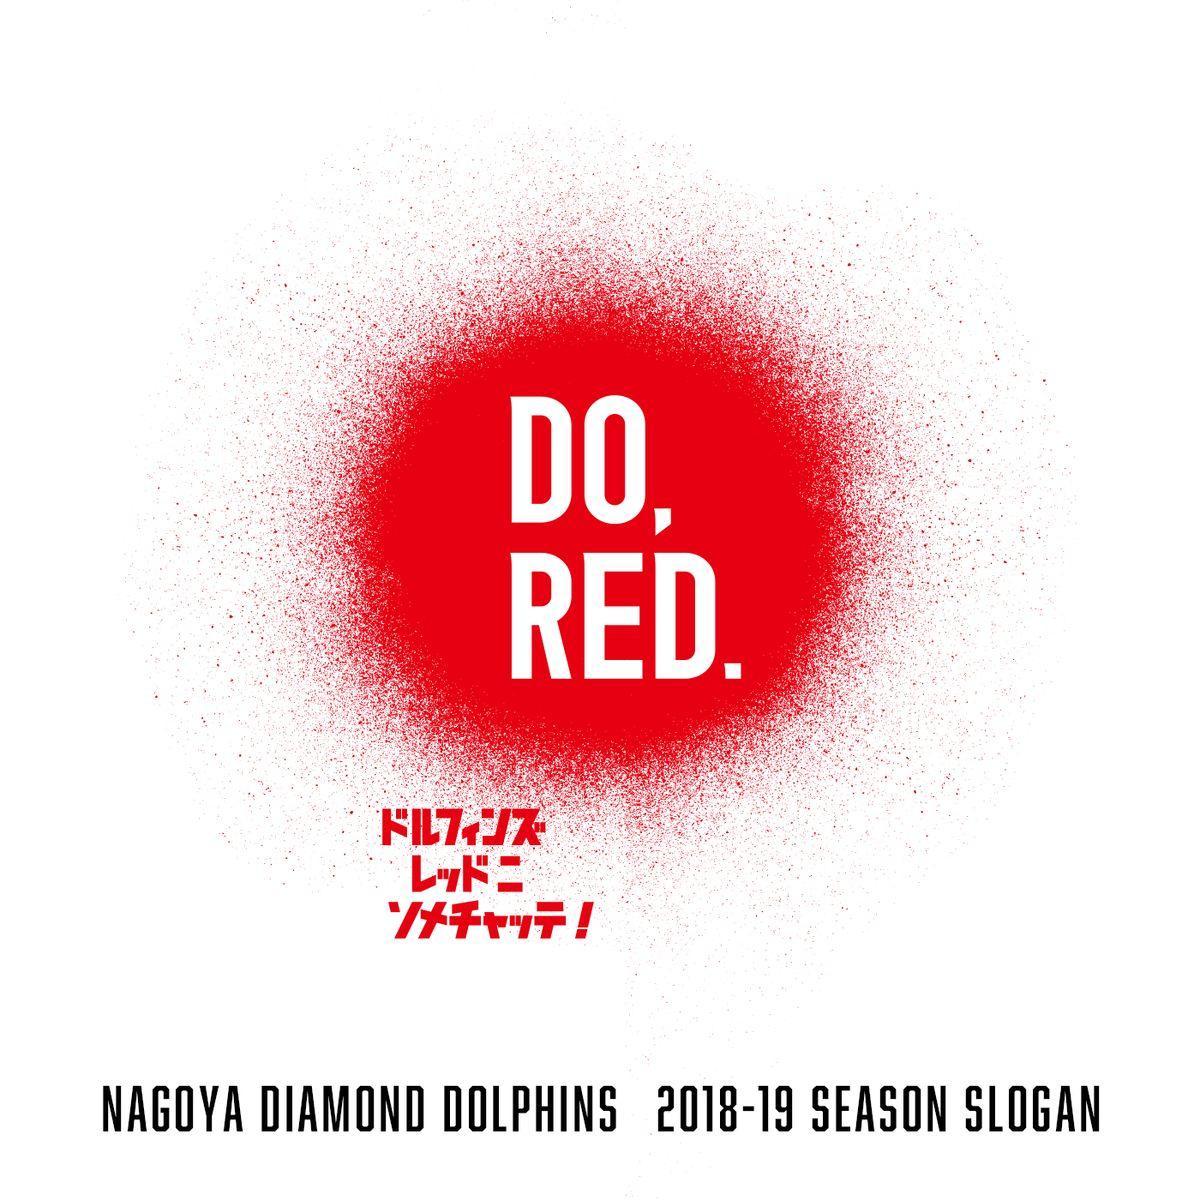 名古屋ダイヤモンドドルフィンズの新スローガン「DO,RED.」 (C)NAGOYAD